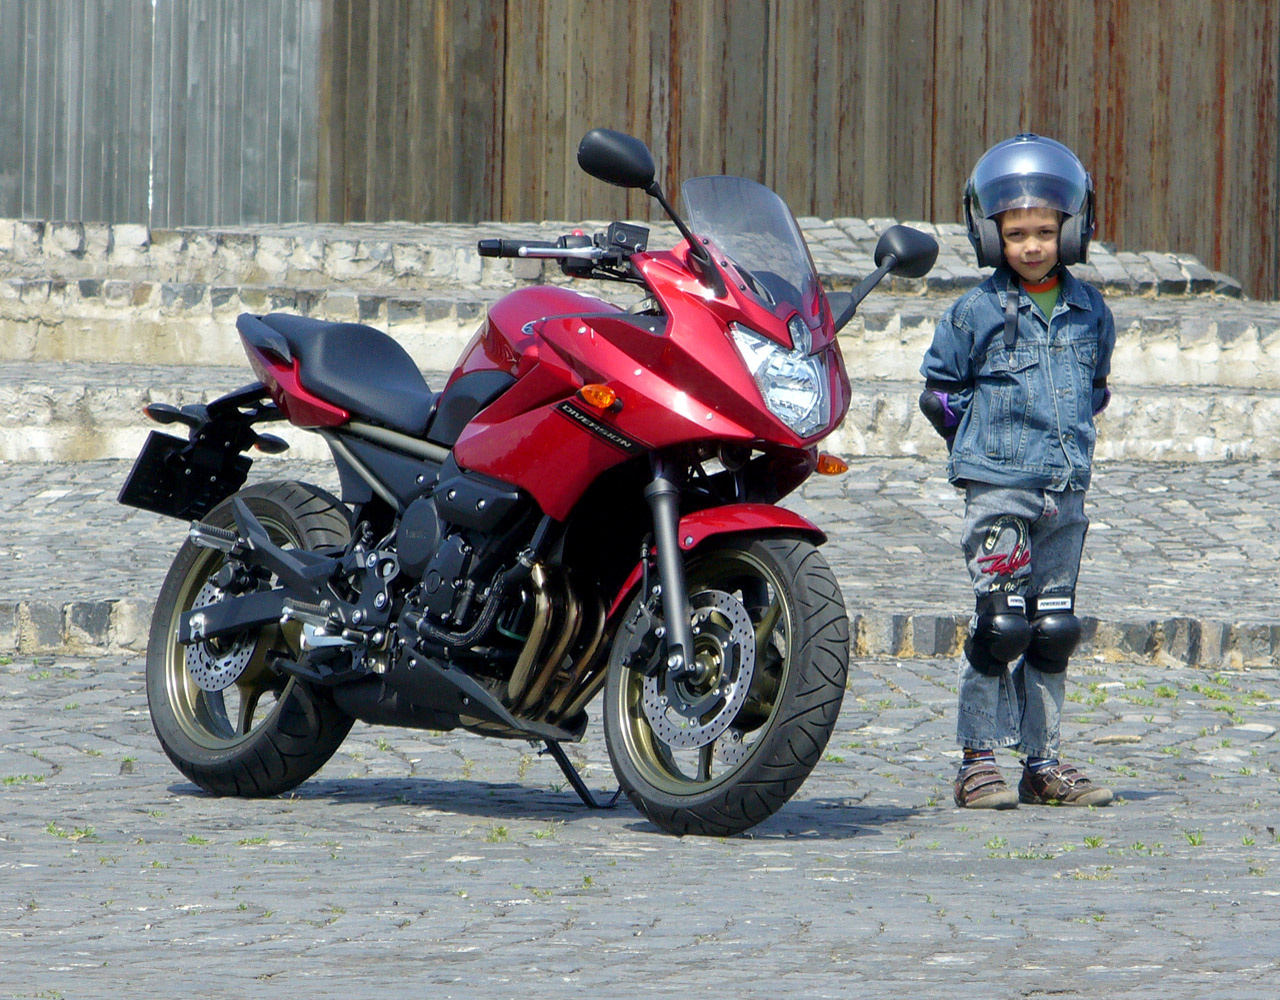 Igazából túl hamar véget ért a motorozás, de vártak a gyerekek